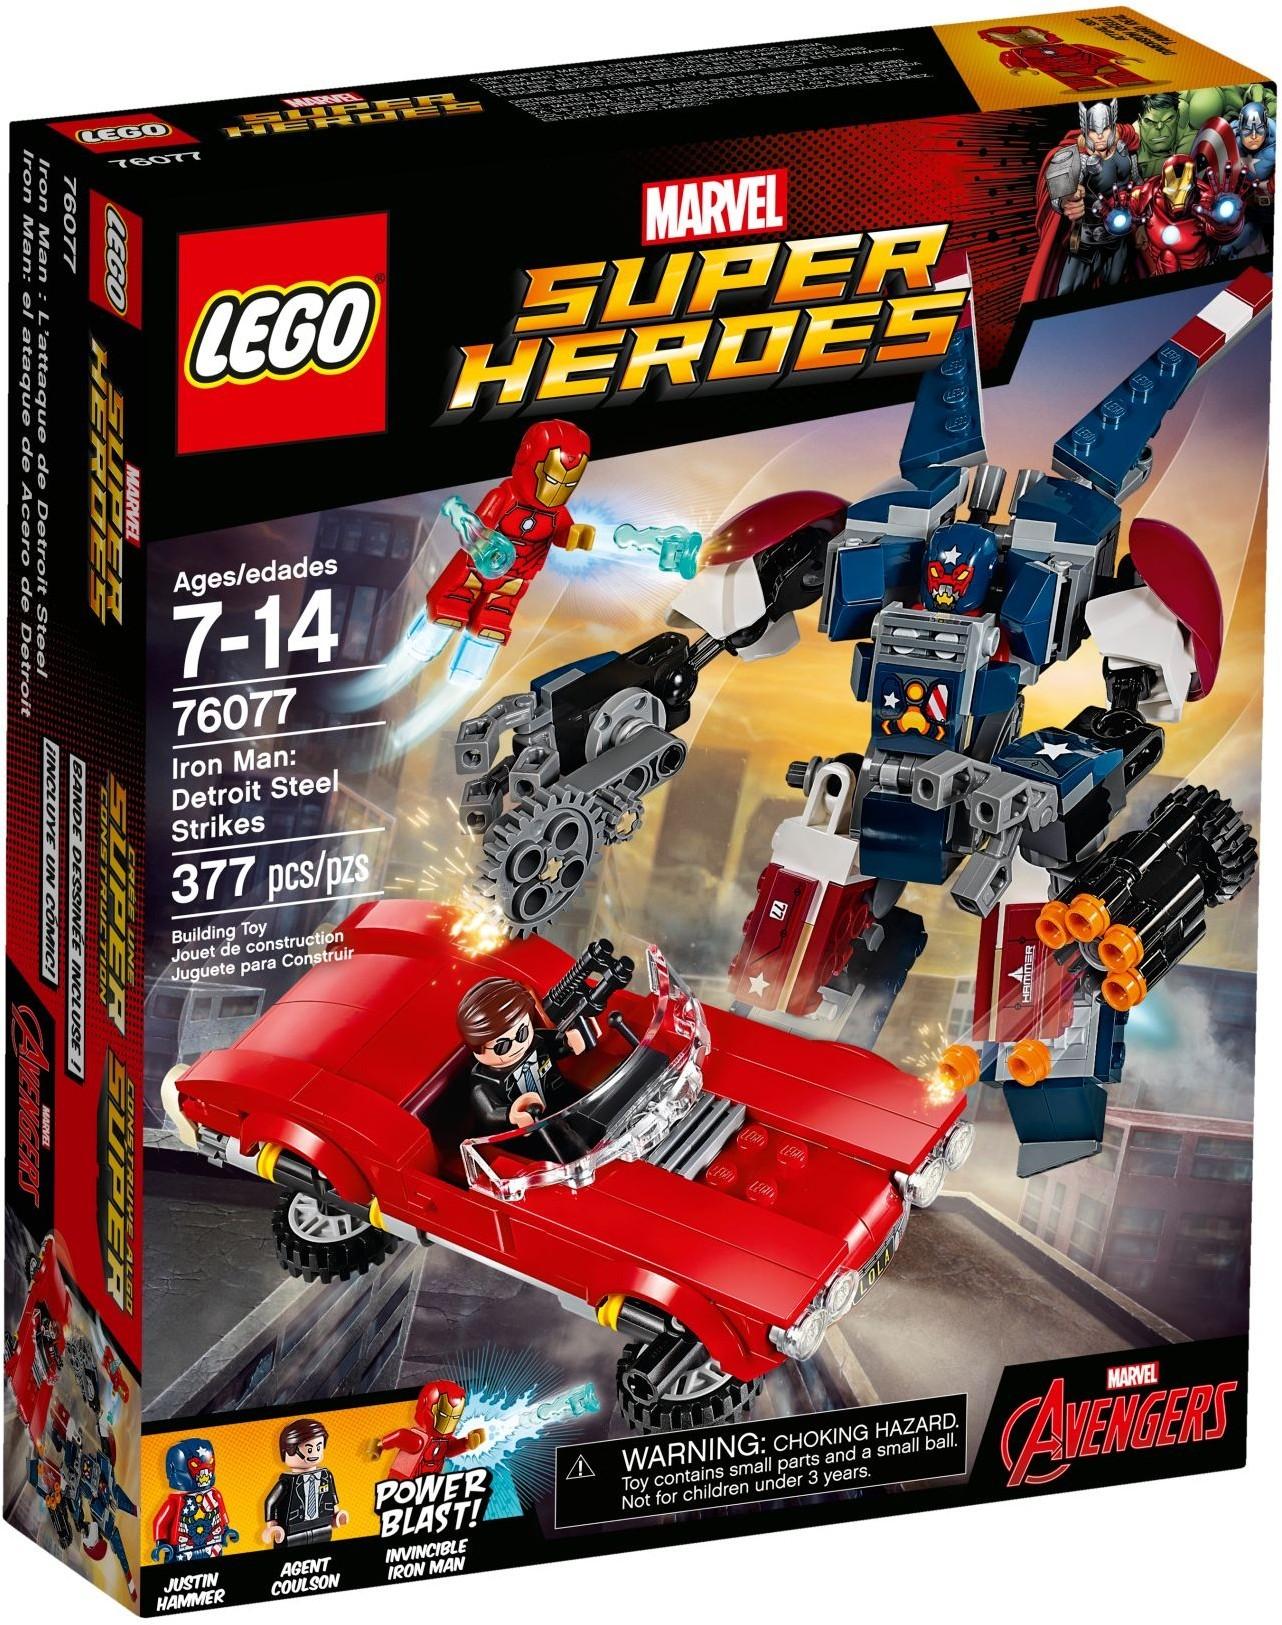 Iron Man destroit Street Strikes Lego